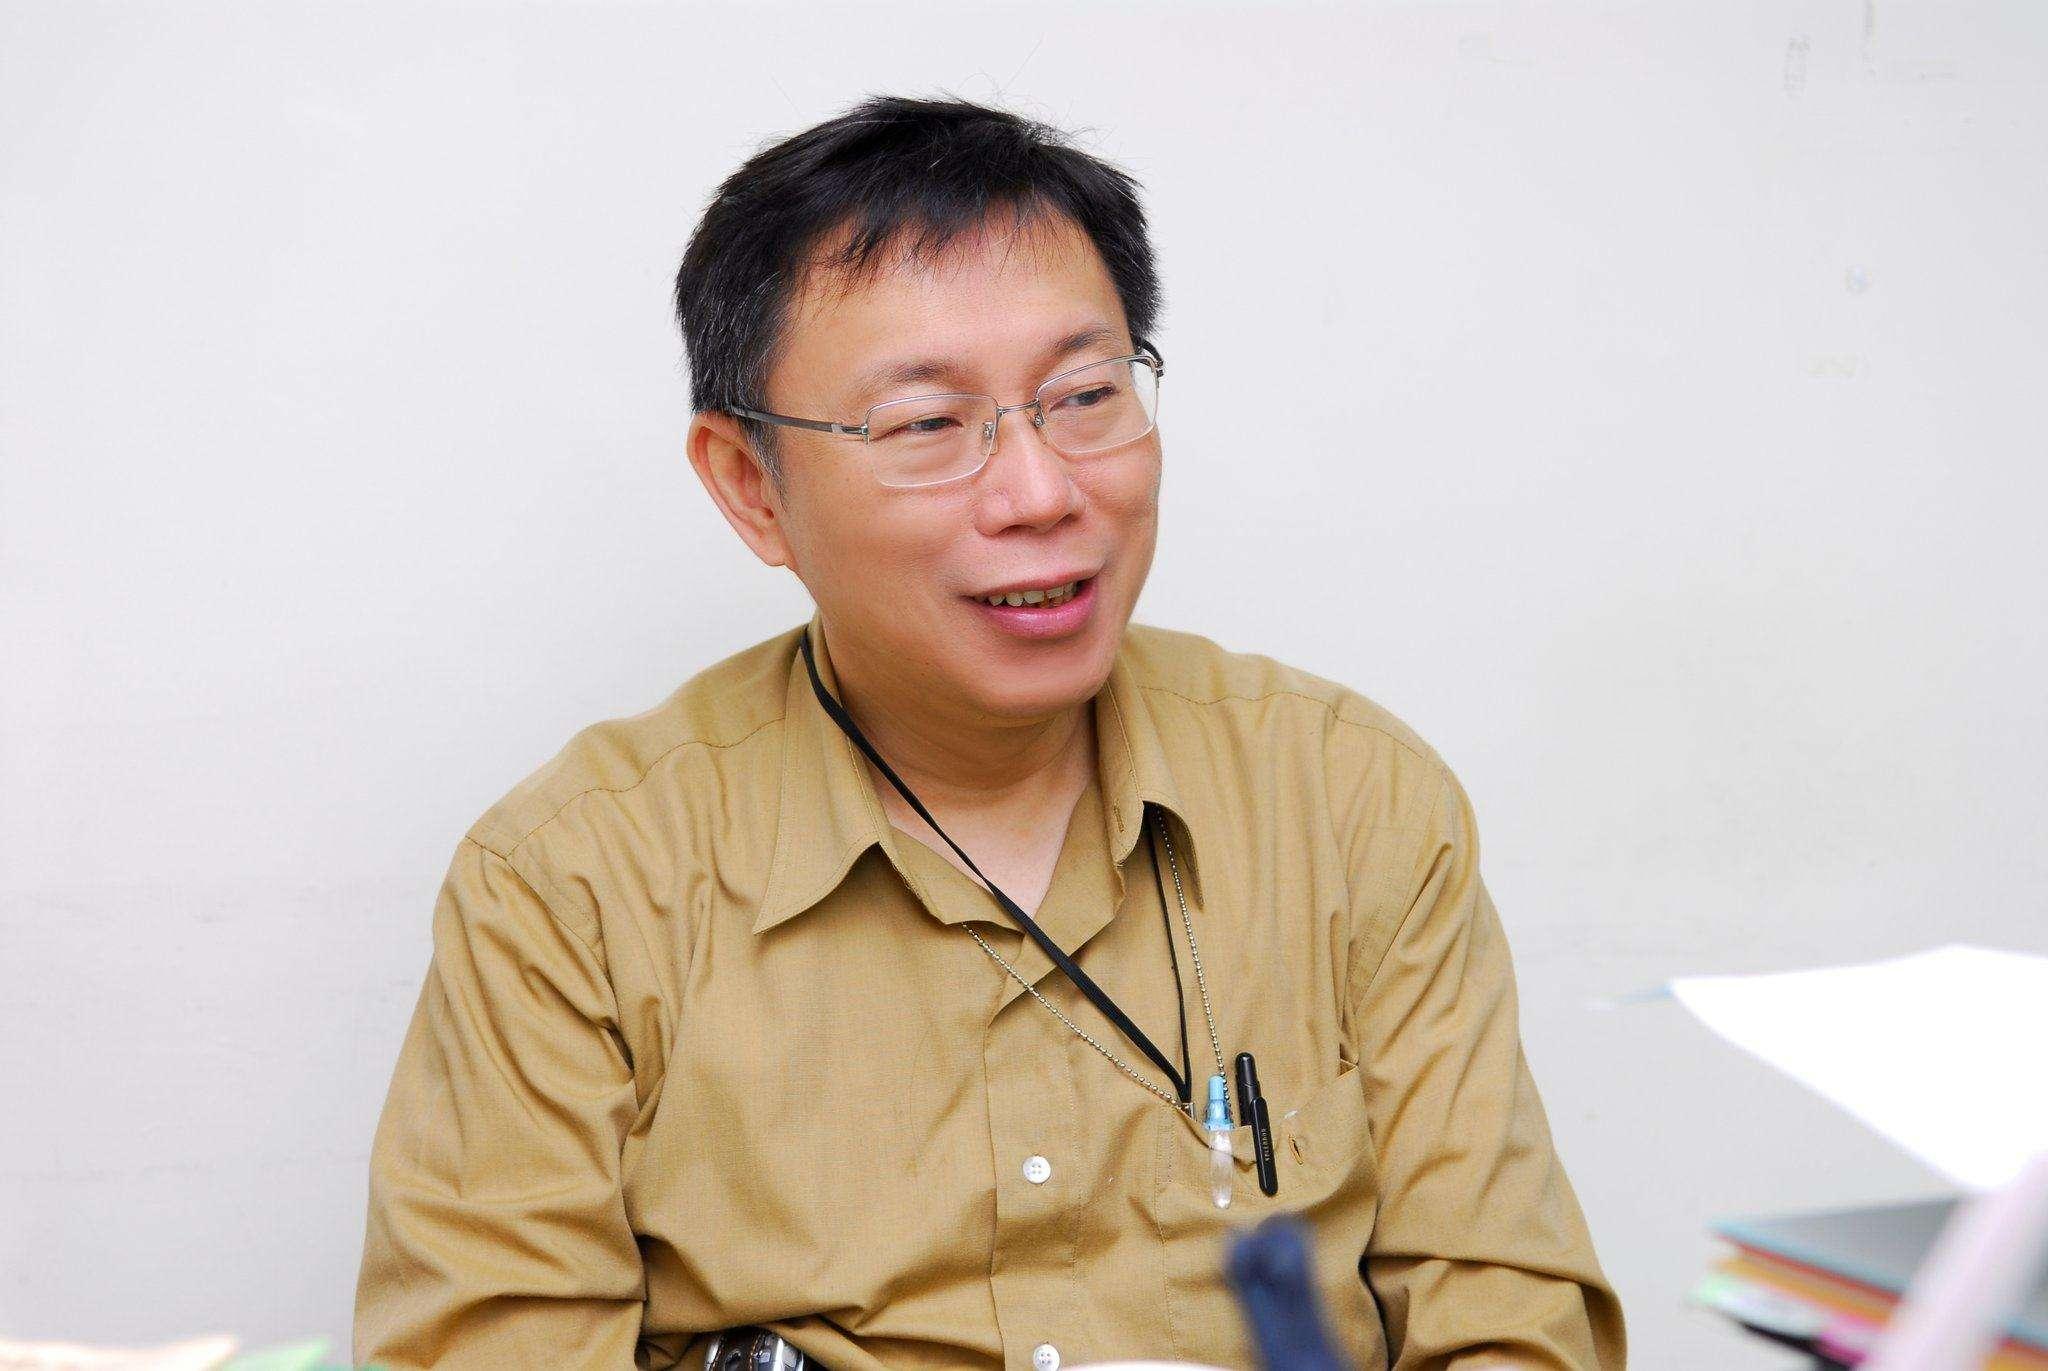 蔡省长醒醒!柯文哲接受美媒专访:台湾只是美国货架上的商品